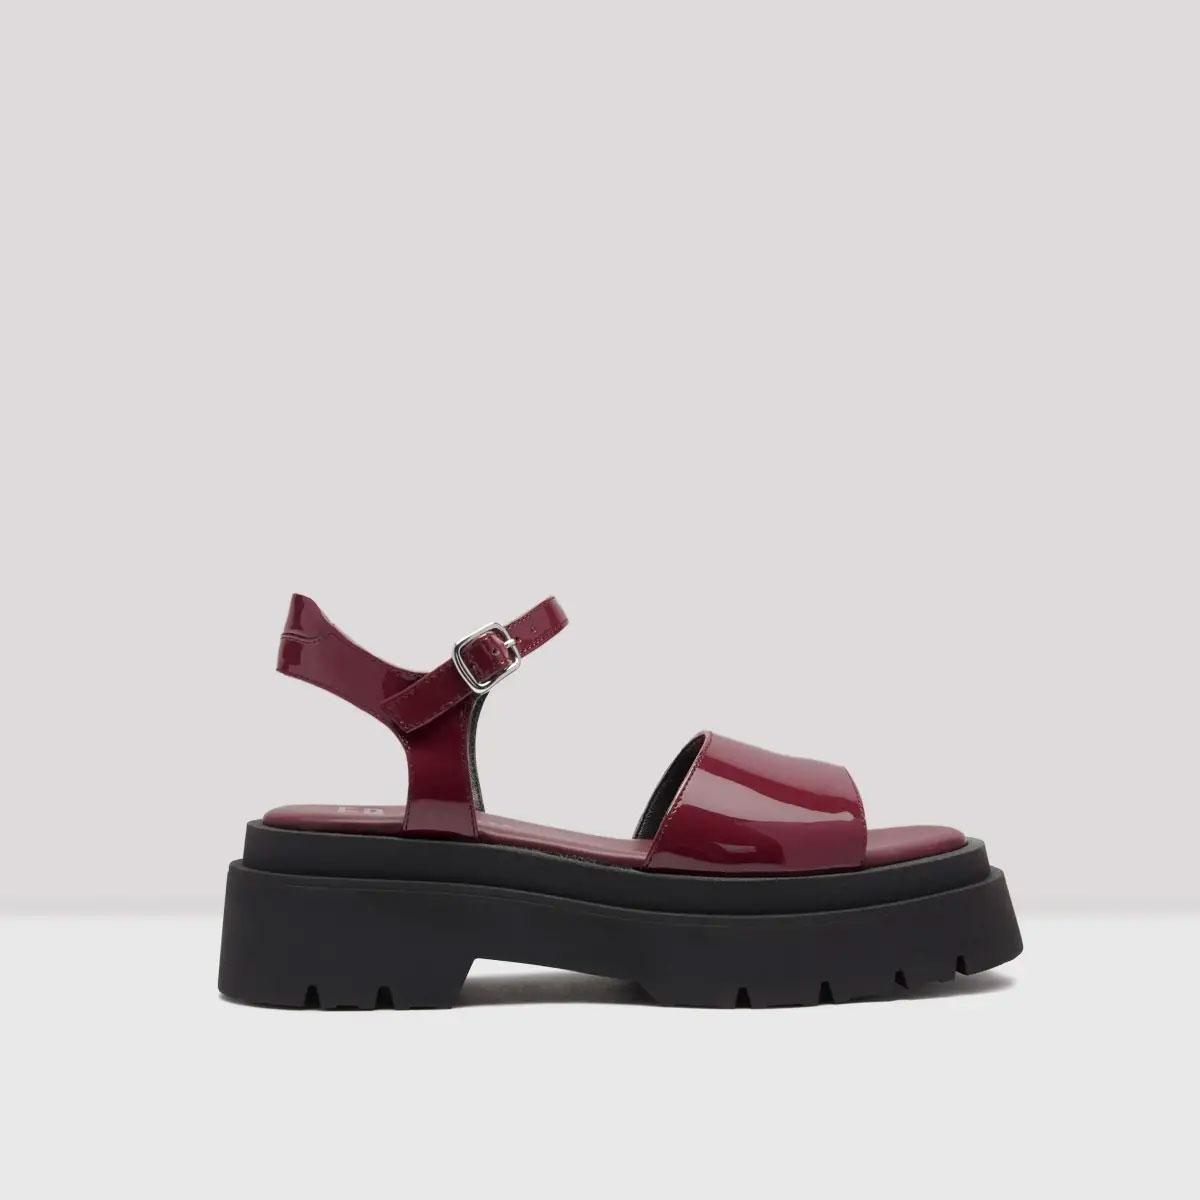 miista pauline sangria red patent sandals